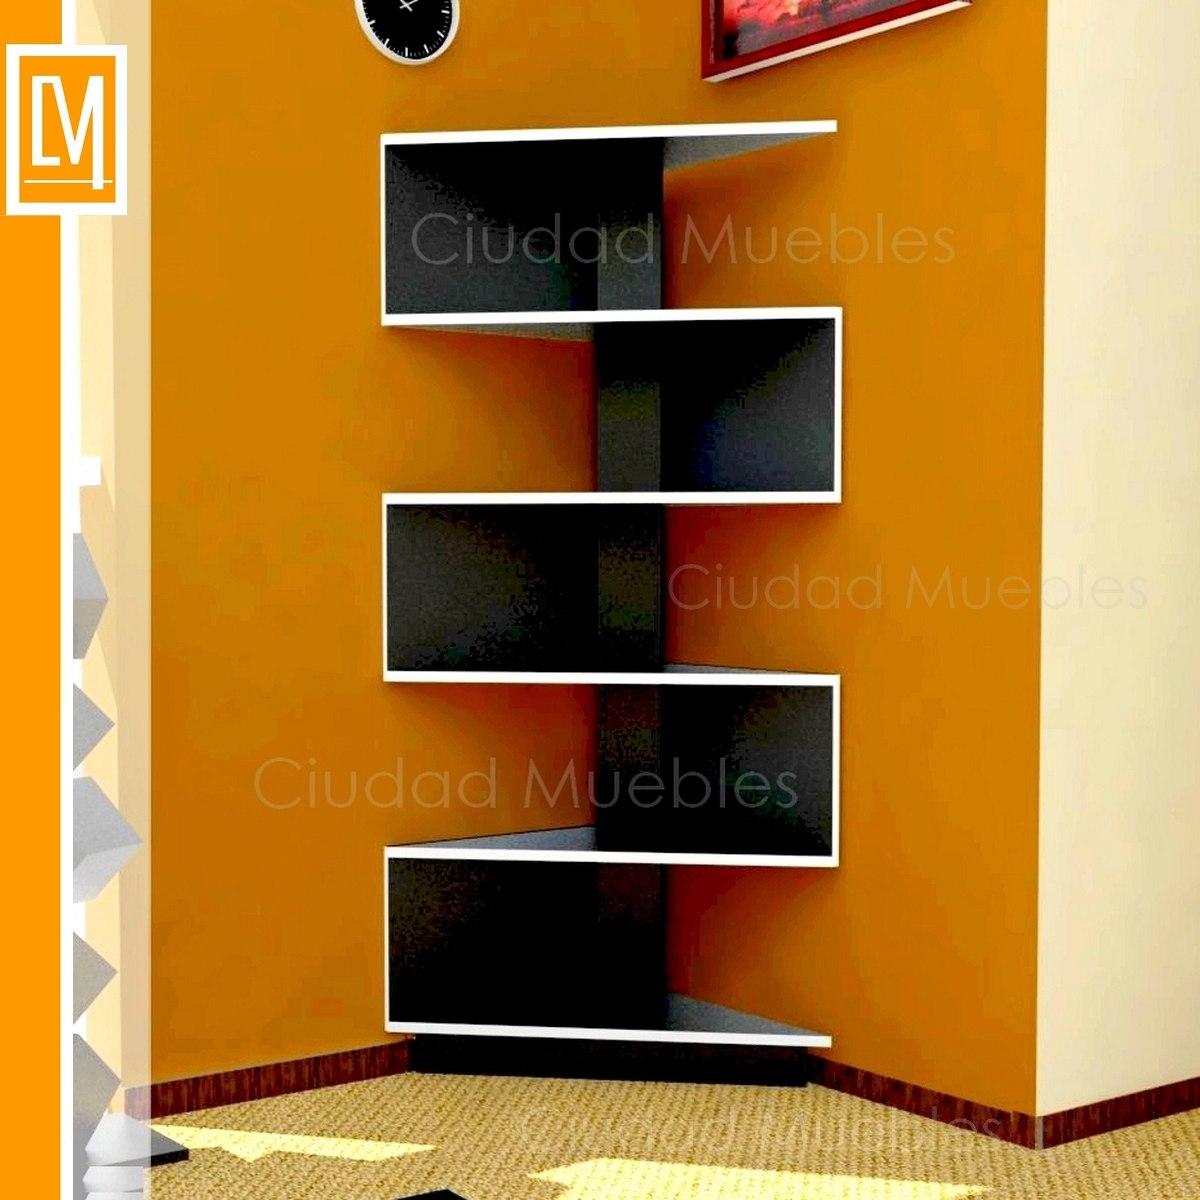 Maderas y decoraciones repisas flotantes y de pisos esquineros y bibliotecas - Imagenes de muebles esquineros ...